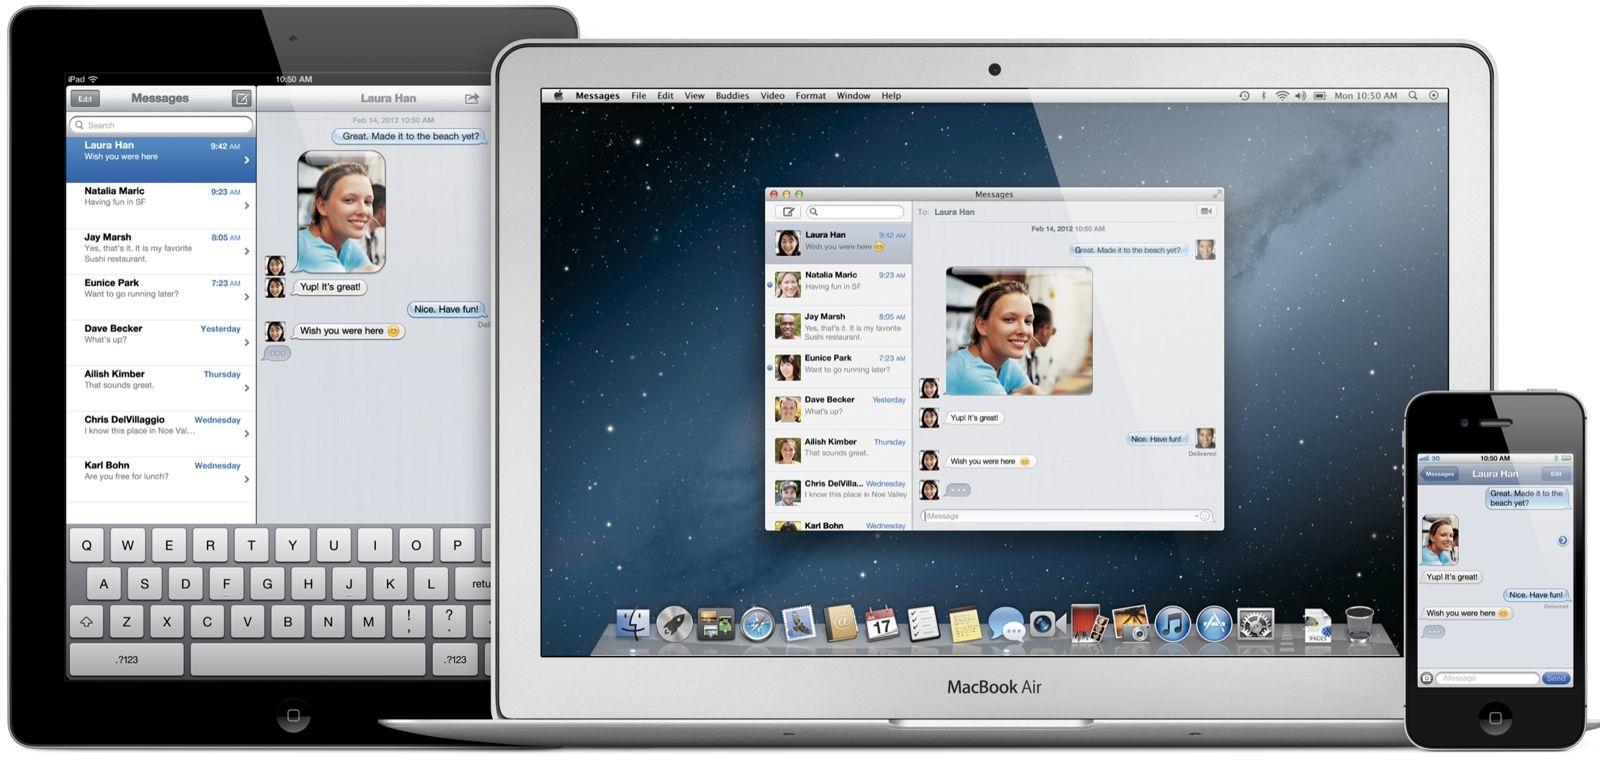 iPad_MacbookAir_iPhone4